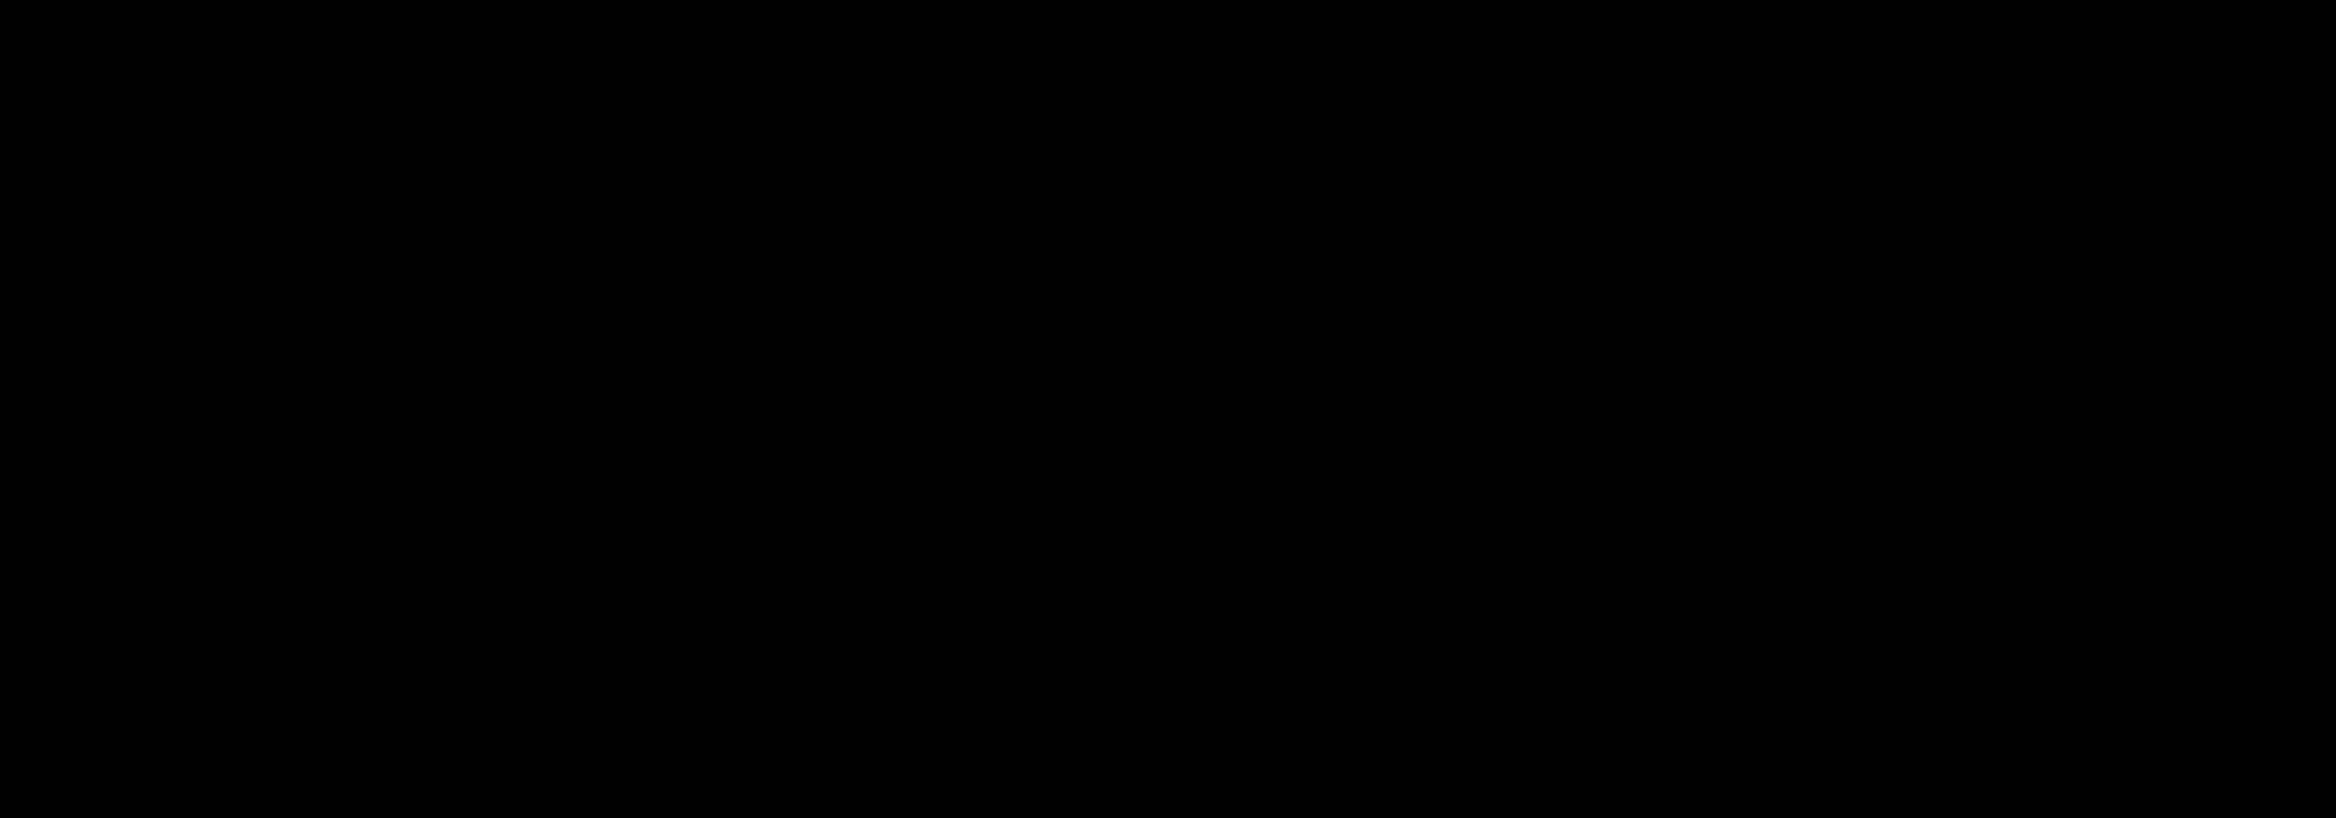 N-Biotinyl-N